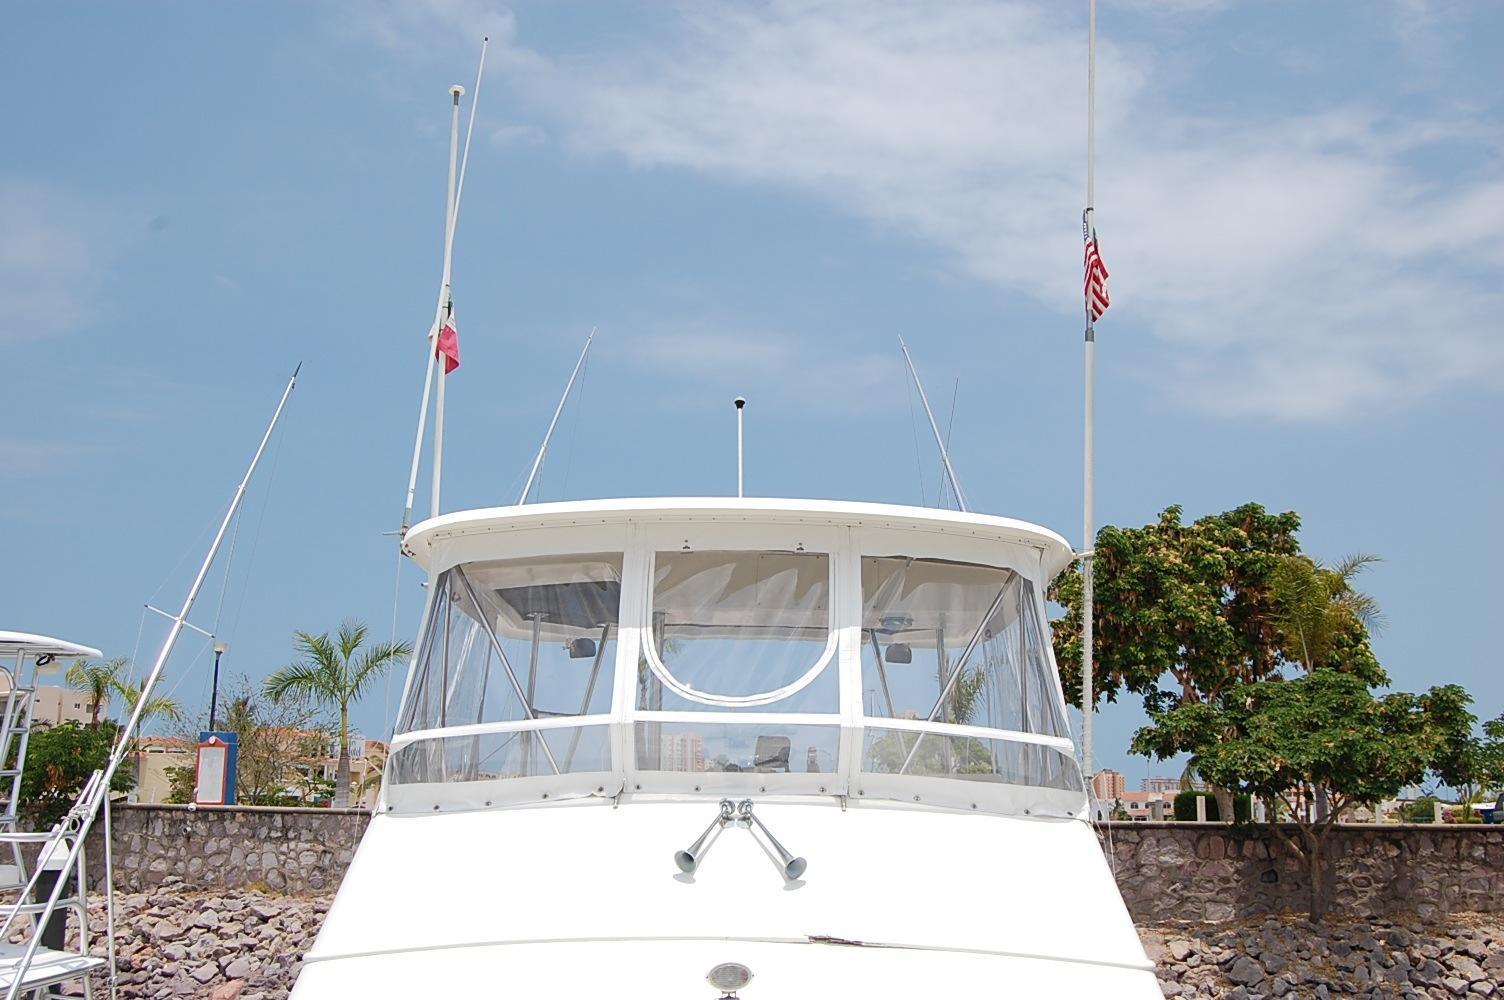 48' Ocean Yachts Super Sport+Starboard Fender Storage